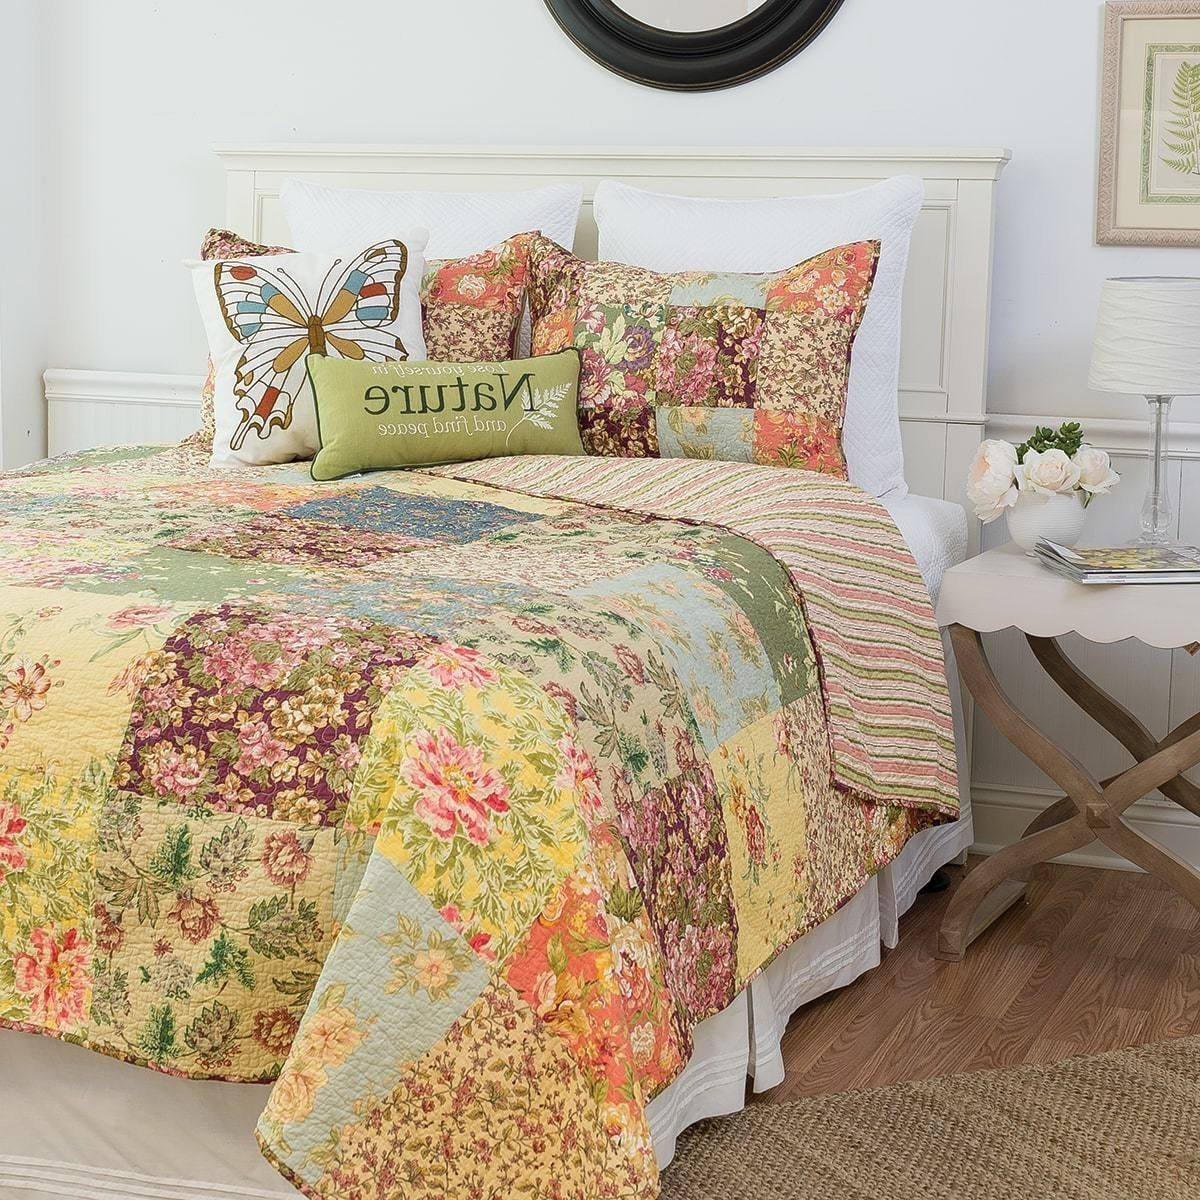 JC Penney Vintage Double Flat Sheet Purple Blue Mod Floral Spring Cottage Shabby Chic Vintage Bedding Dorm Girls Room